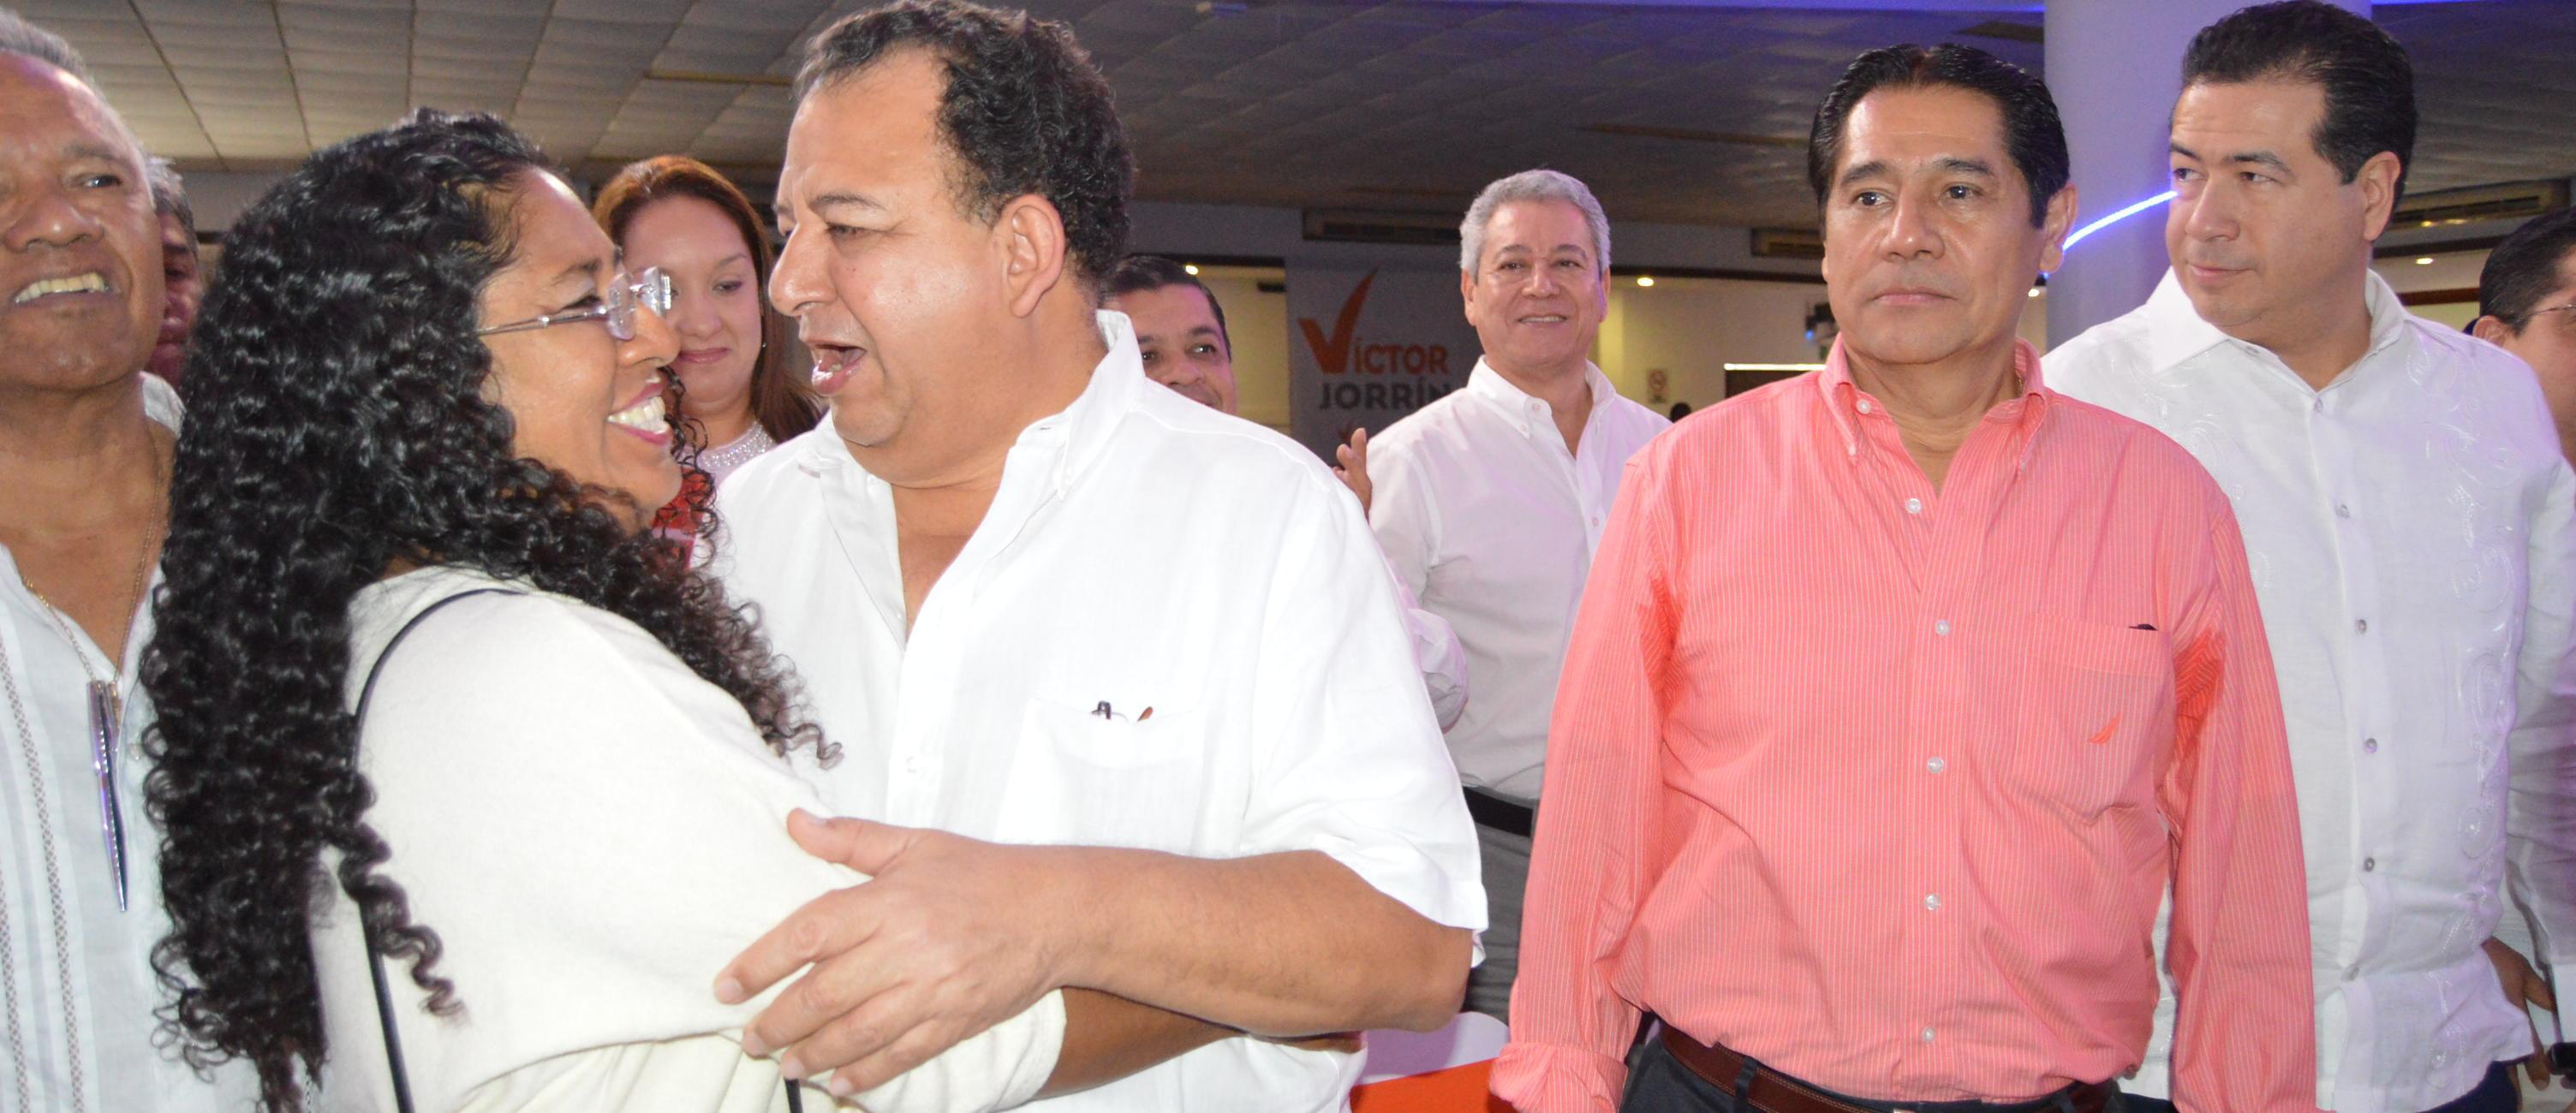 Luis Walton, el traidor y oportunista que ambiciona la candidatura de Félix Salgado 2